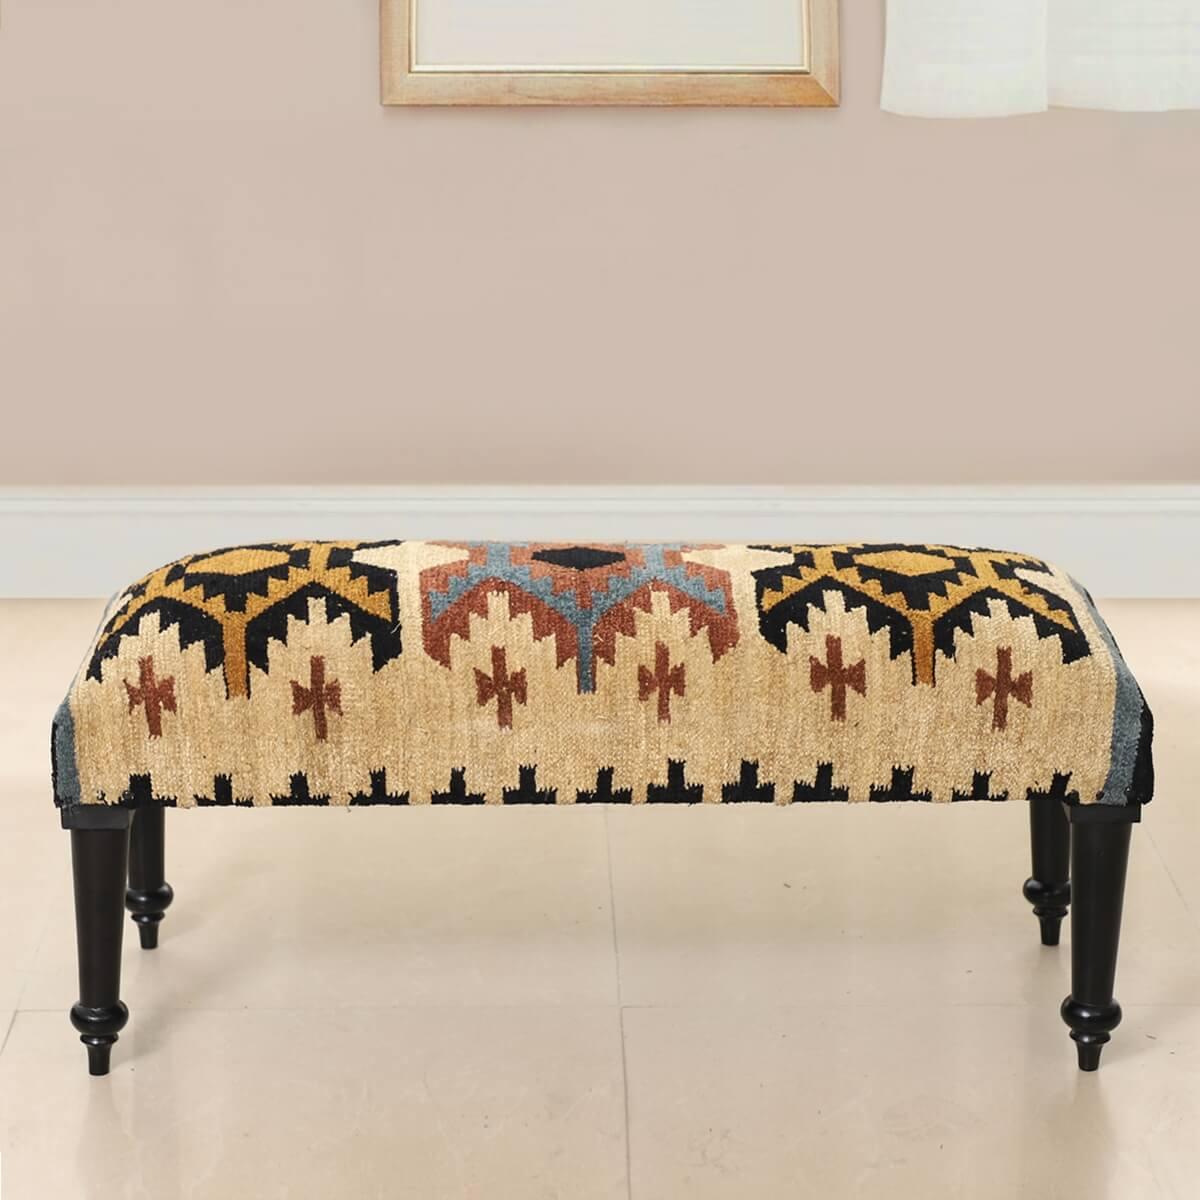 Terrebonne Handmade Upholstered Bench